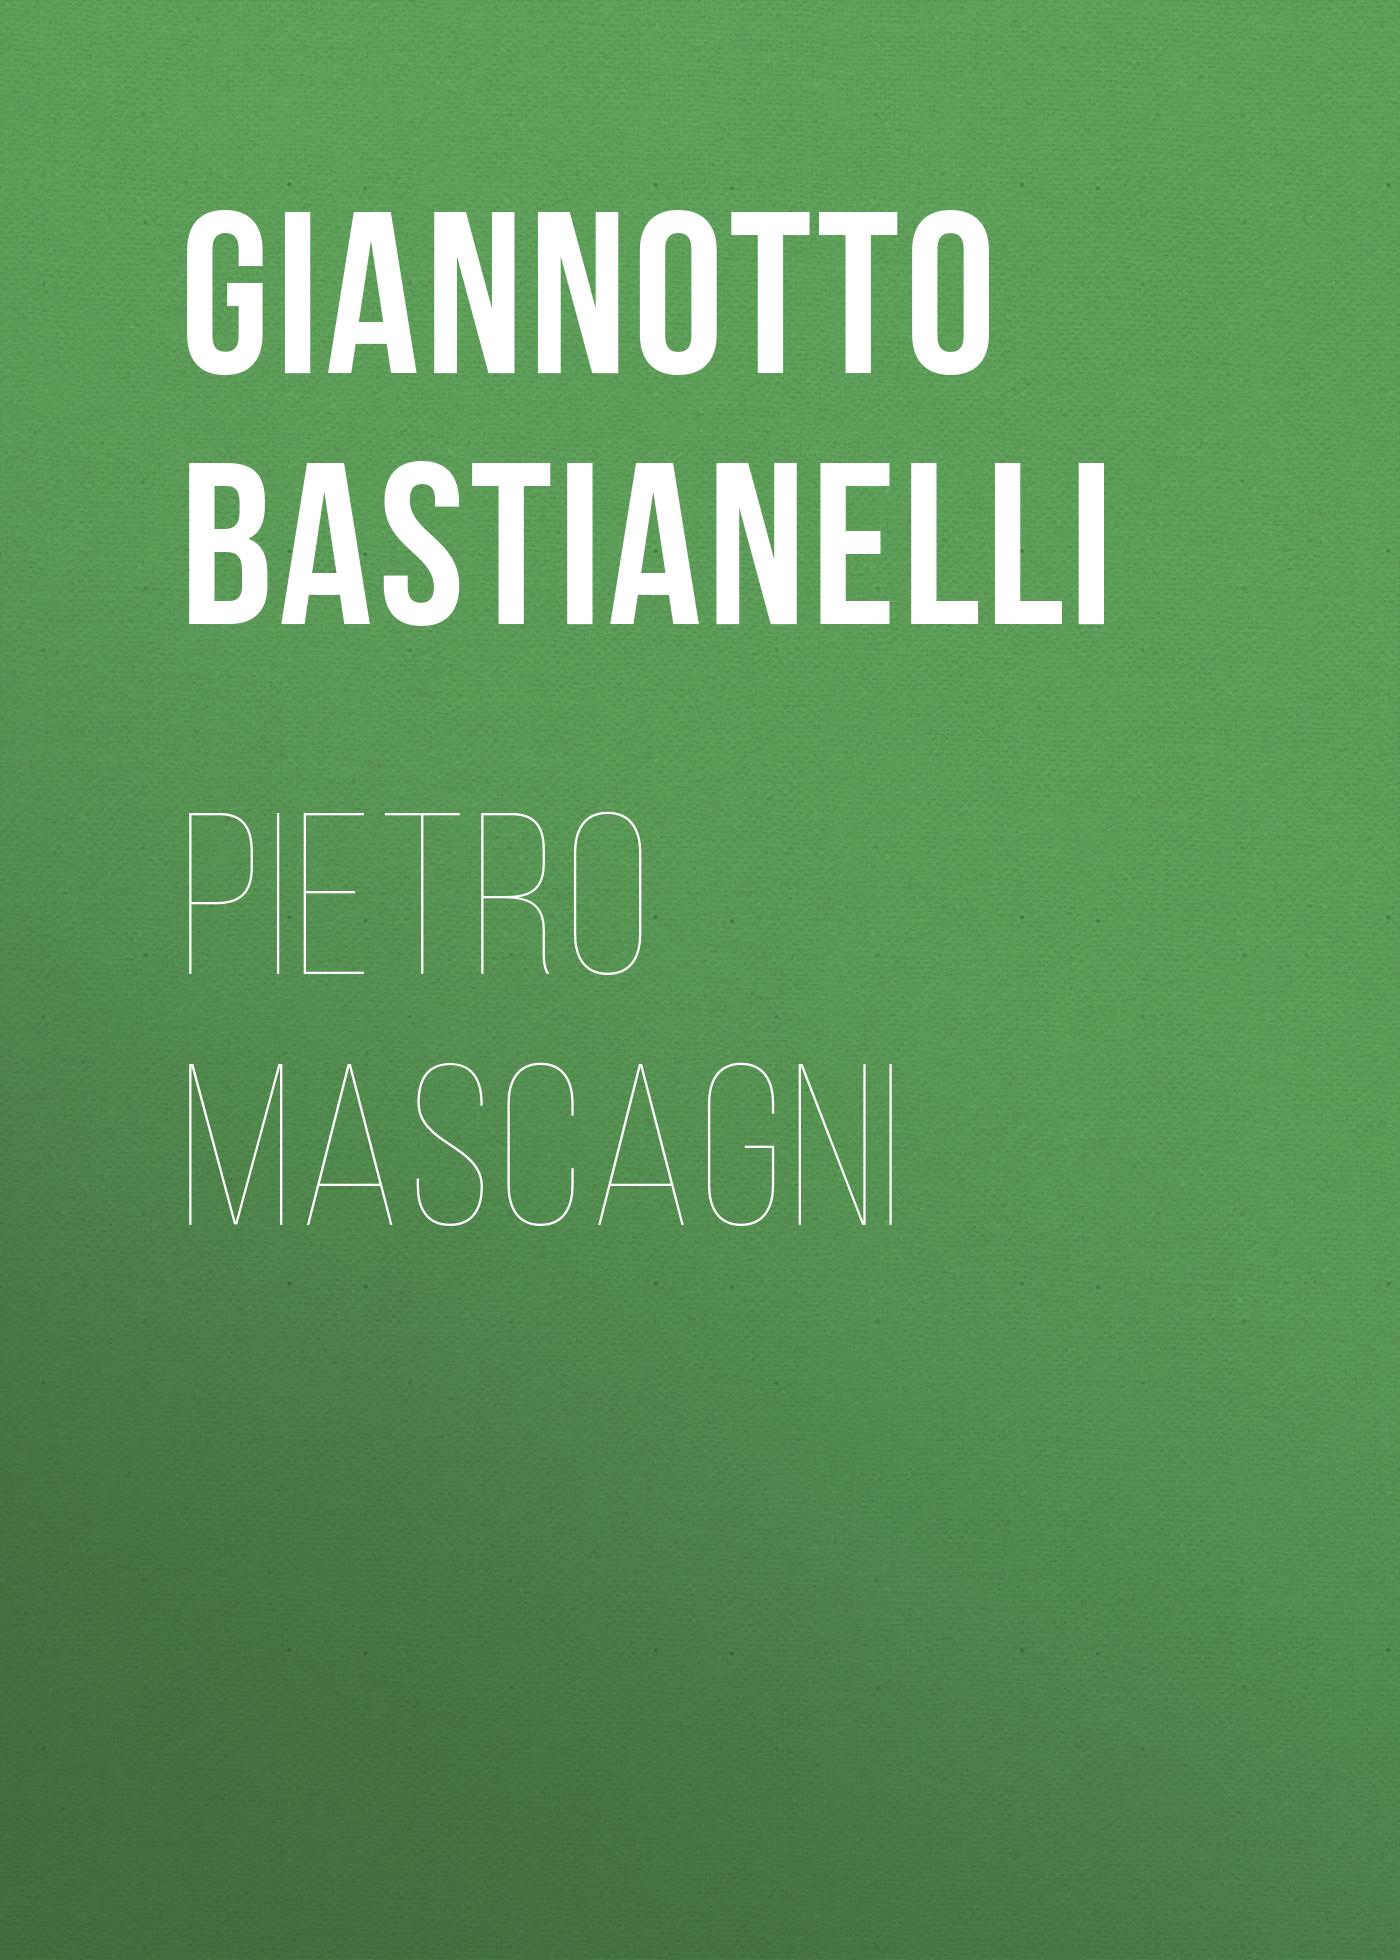 Bastianelli Giannotto Pietro Mascagni фоторамка mascagni